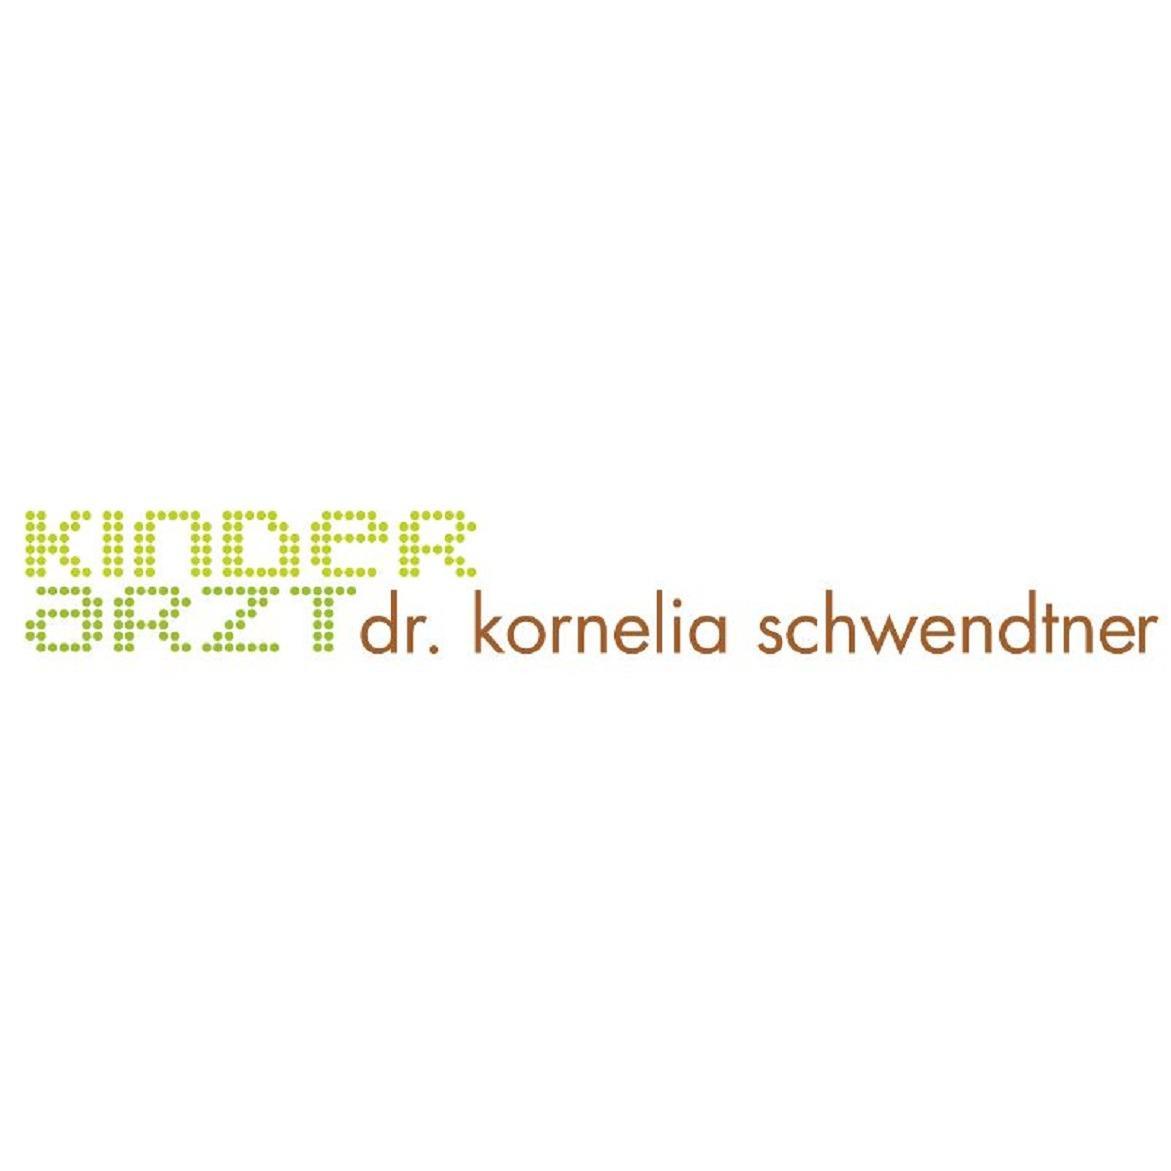 Dr. Kornelia Schwendtner